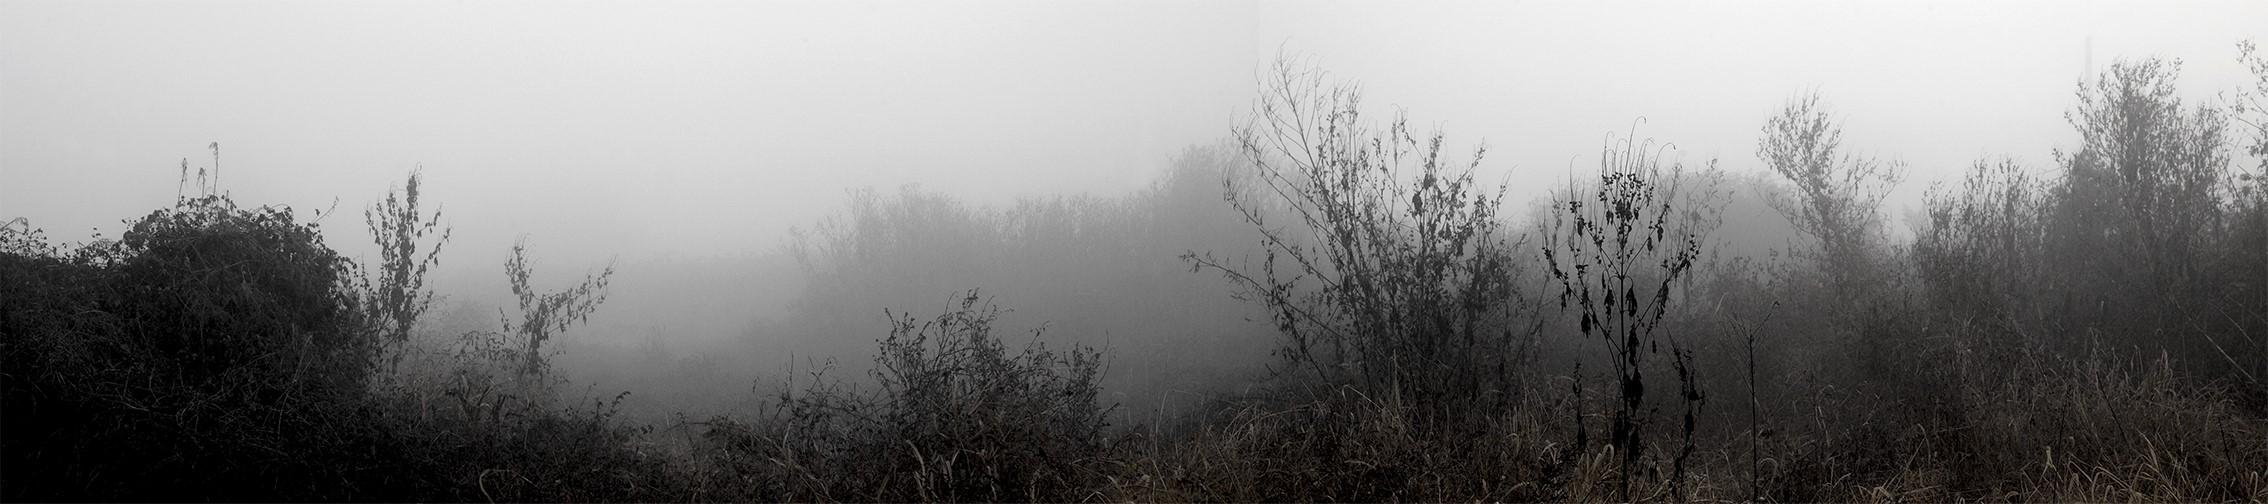 강홍구, 안개와 서리 22, 디지털 프린트, 40x146.5cm, 2011